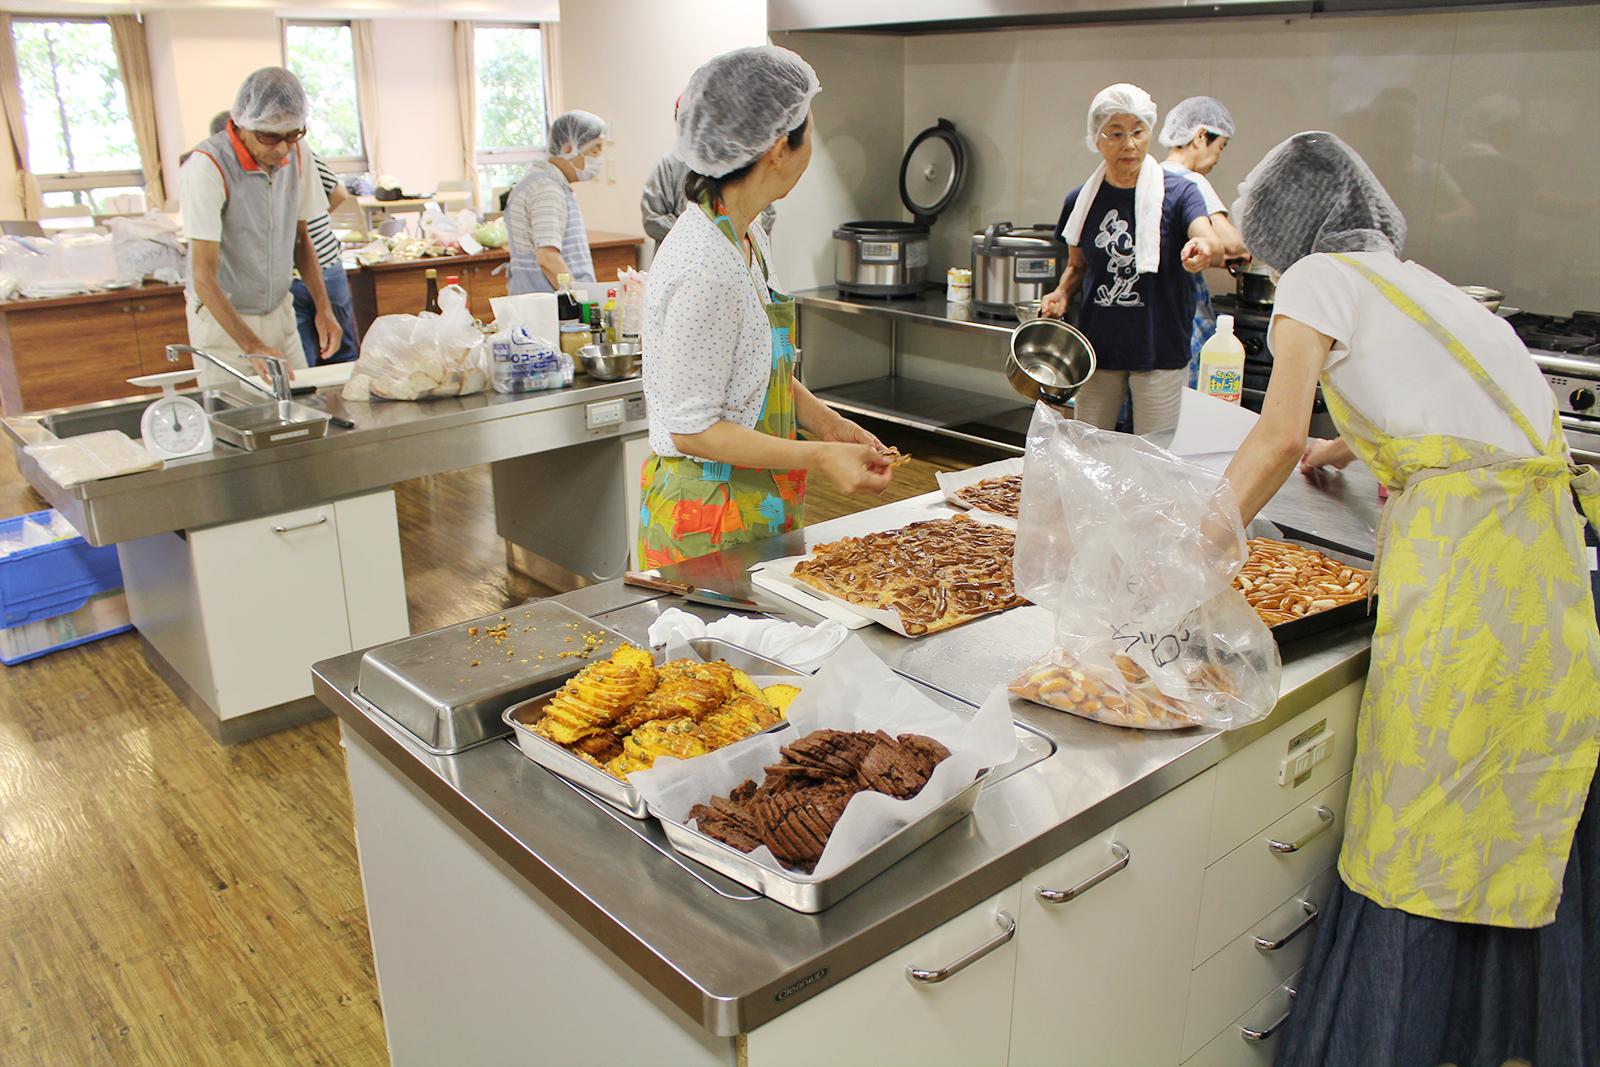 「0円キッチン」の準備風景。0円キッチンで振る舞った料理は、まだ食べられるのに使われなくなった食品を一工夫して作られた。